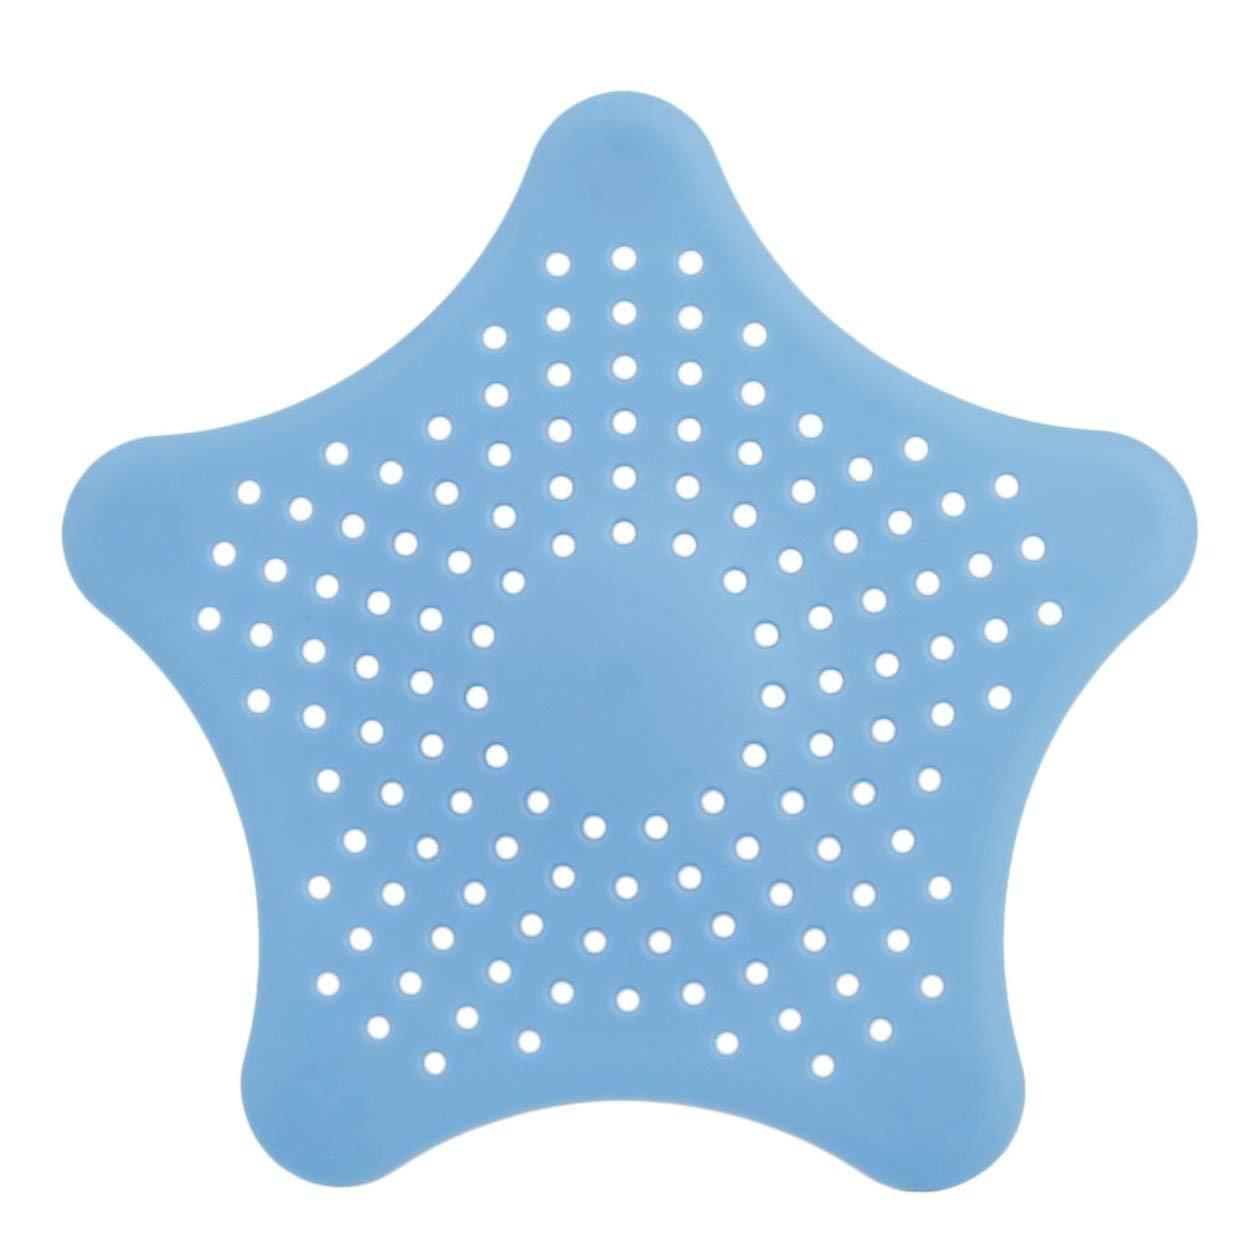 Azul Forma de estrella Cocina de pl/ástico Plan de menta Ducha de ba/ño Cubierta de desag/üe Colador del fregadero Residuos Filtro para el cabello Receptor Canastas de la casa